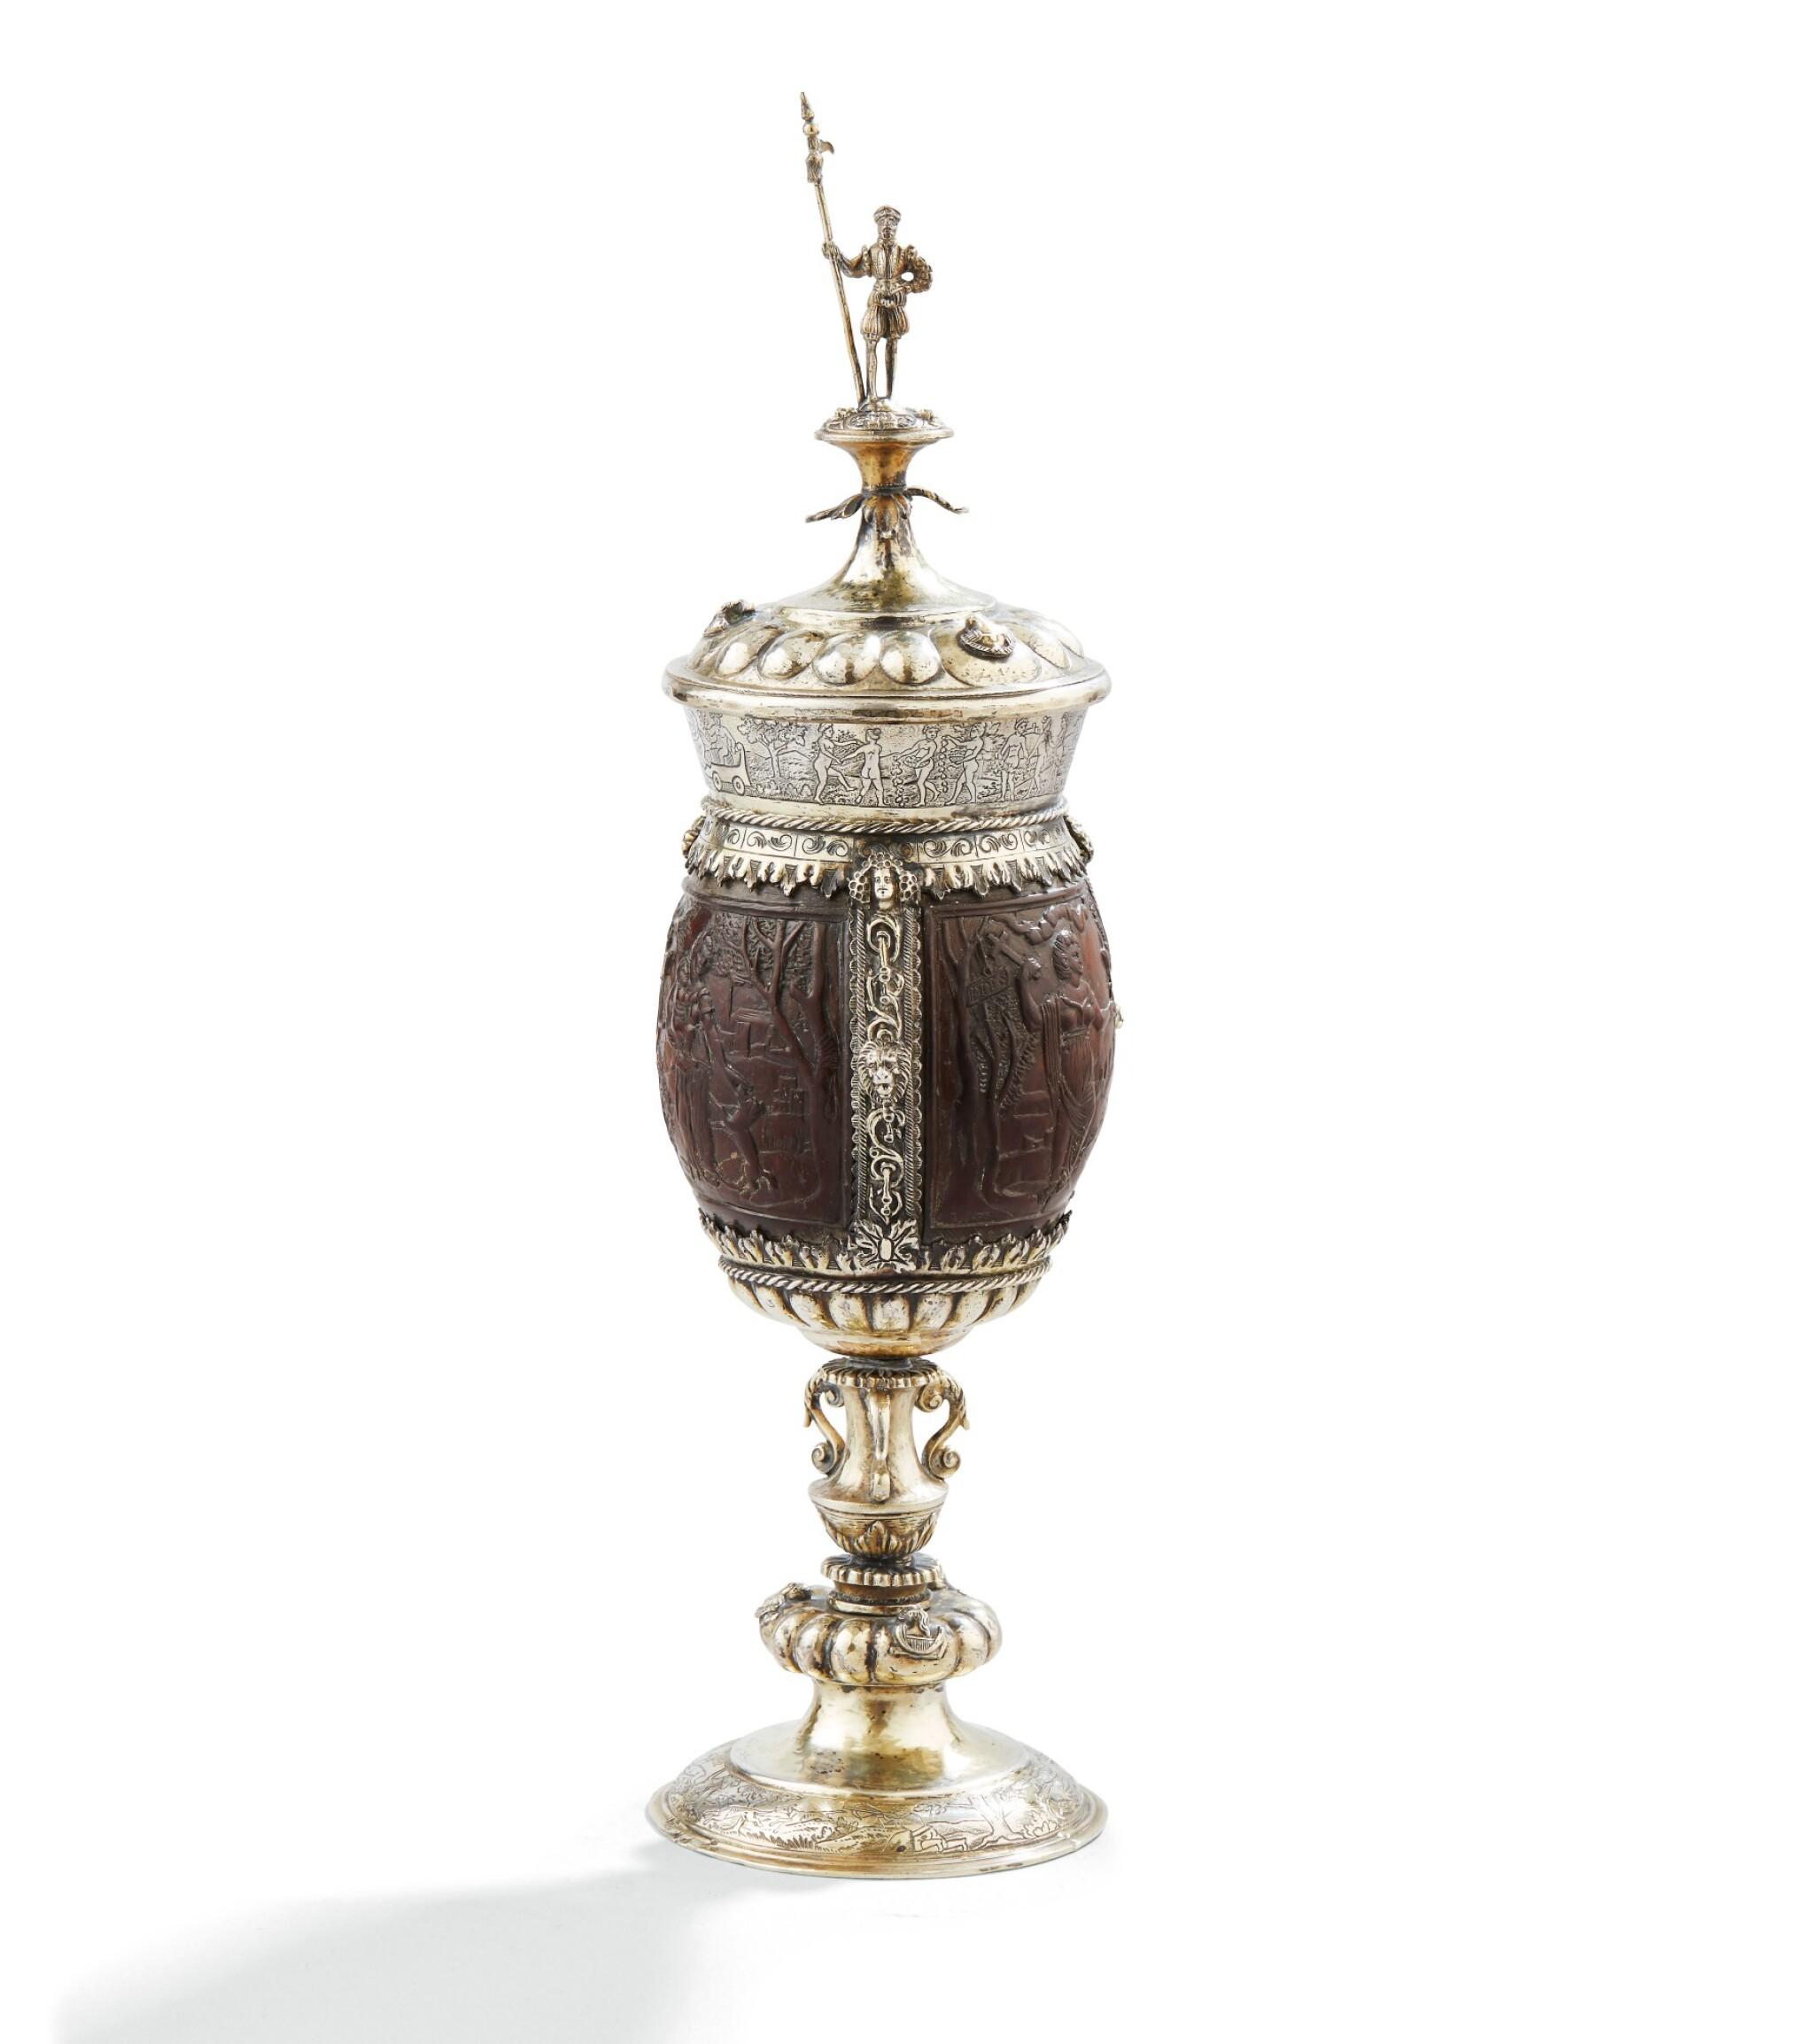 View 1 of Lot 100. COCONUT-CUP WITH SILVER-GILT MOUNTS, PROBABLY GERMANY CIRCA 1860 | NOIX DE COCO MOTÉE EN VERMEIL, PROBABLEMENT ALLEMAGNE VERS 1860  .